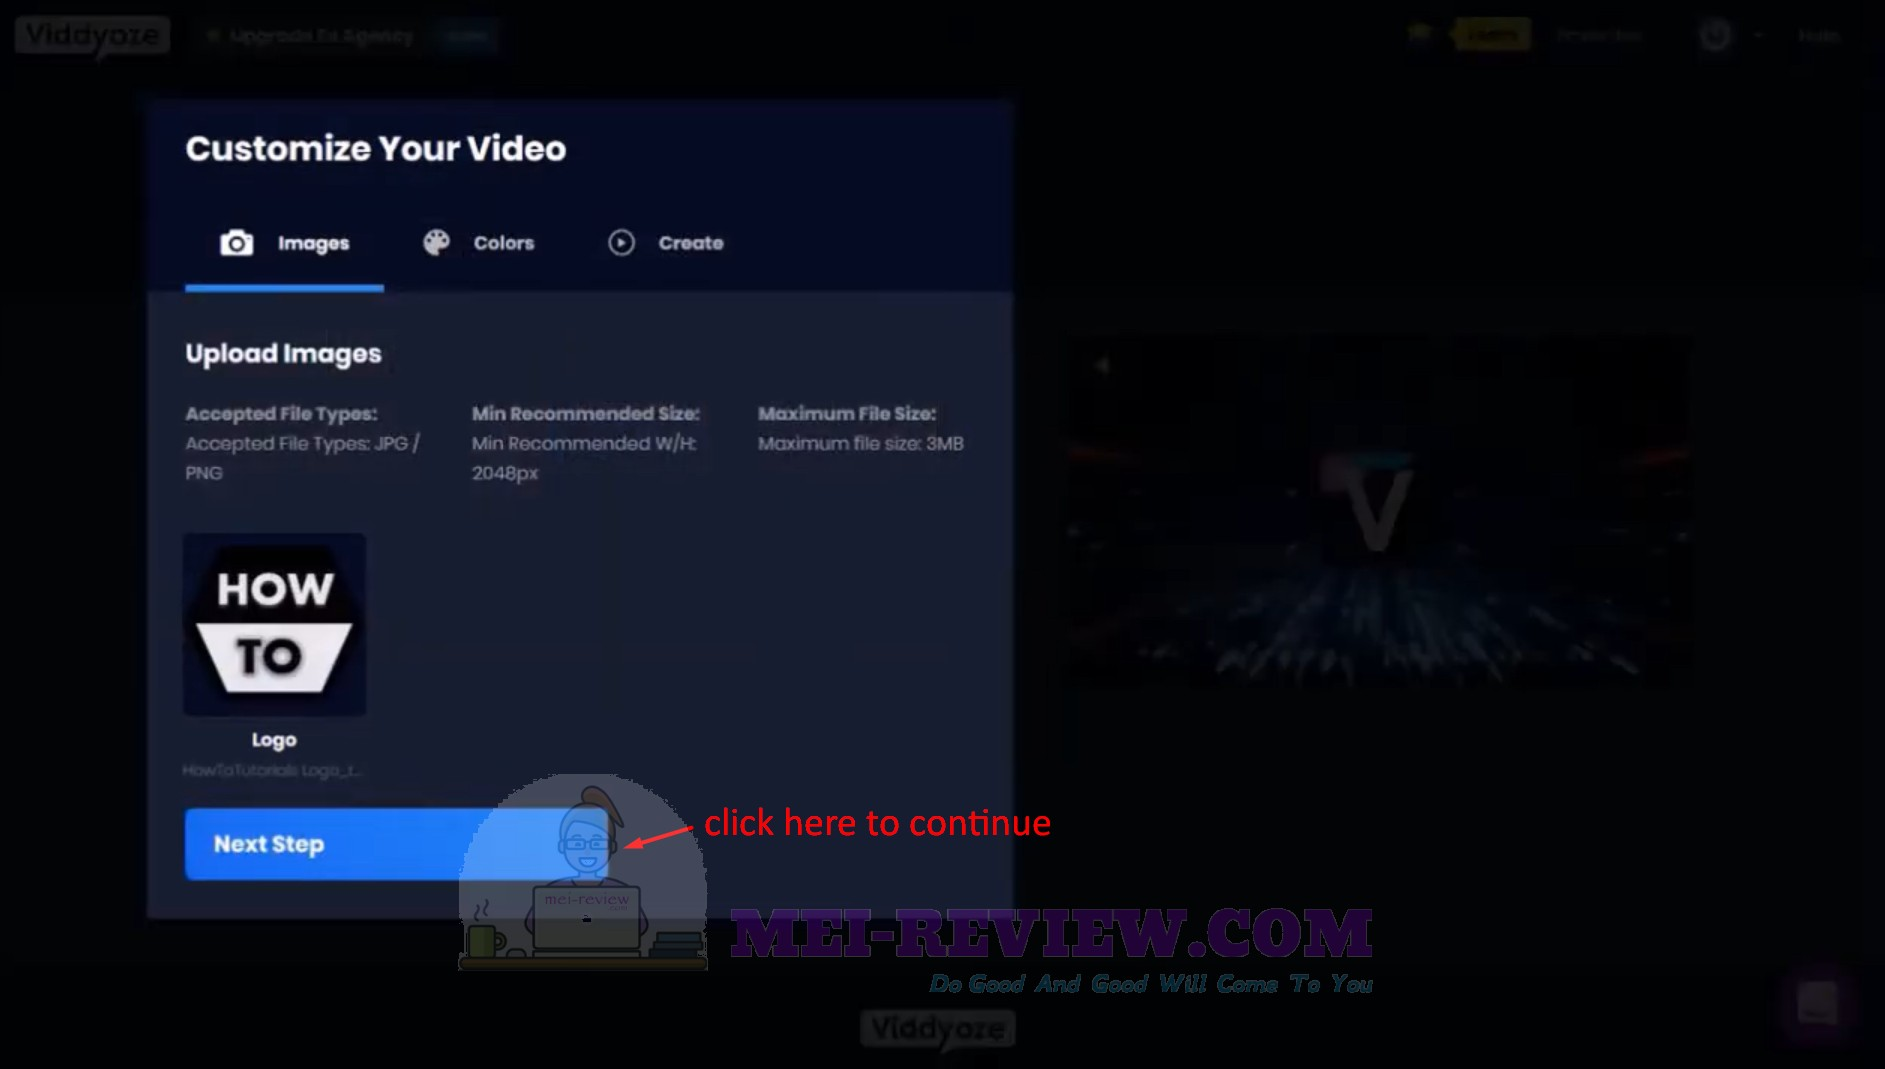 Viddyoze-Step-6-upload-image